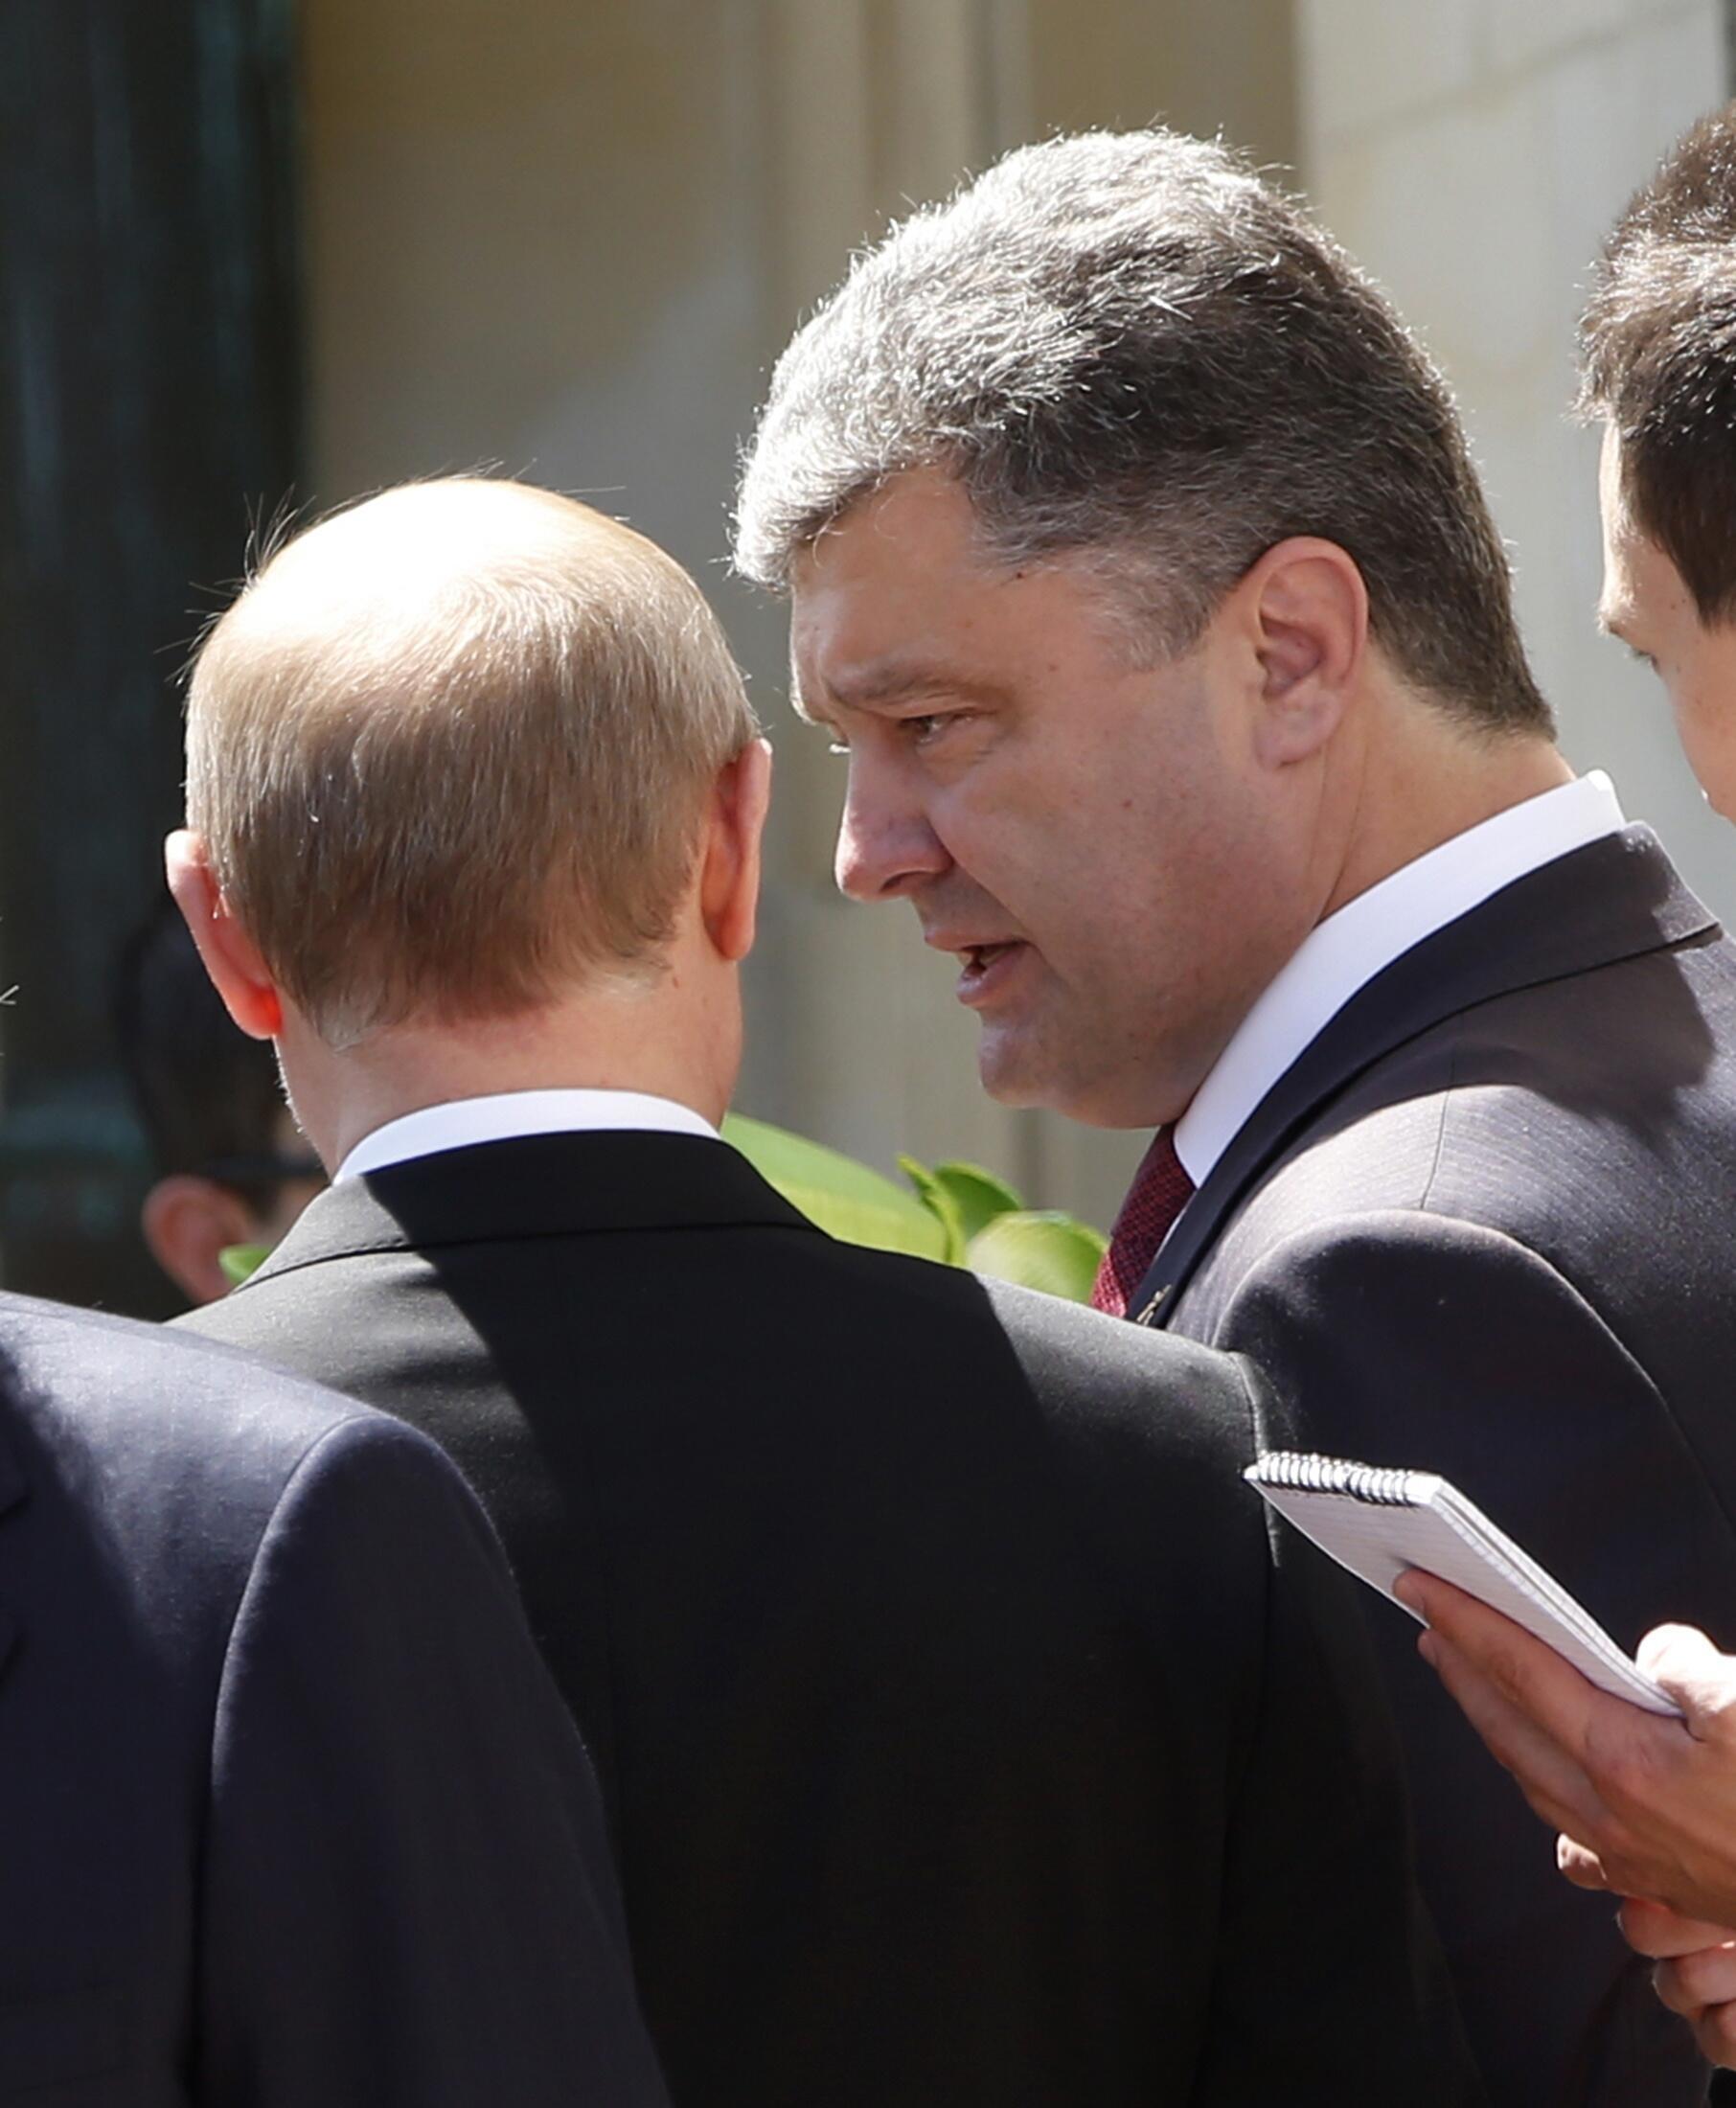 Петр Порошенко и Владимир Путин в Бенувилле, Нормандия, Франция, 6 июня 2014 г.